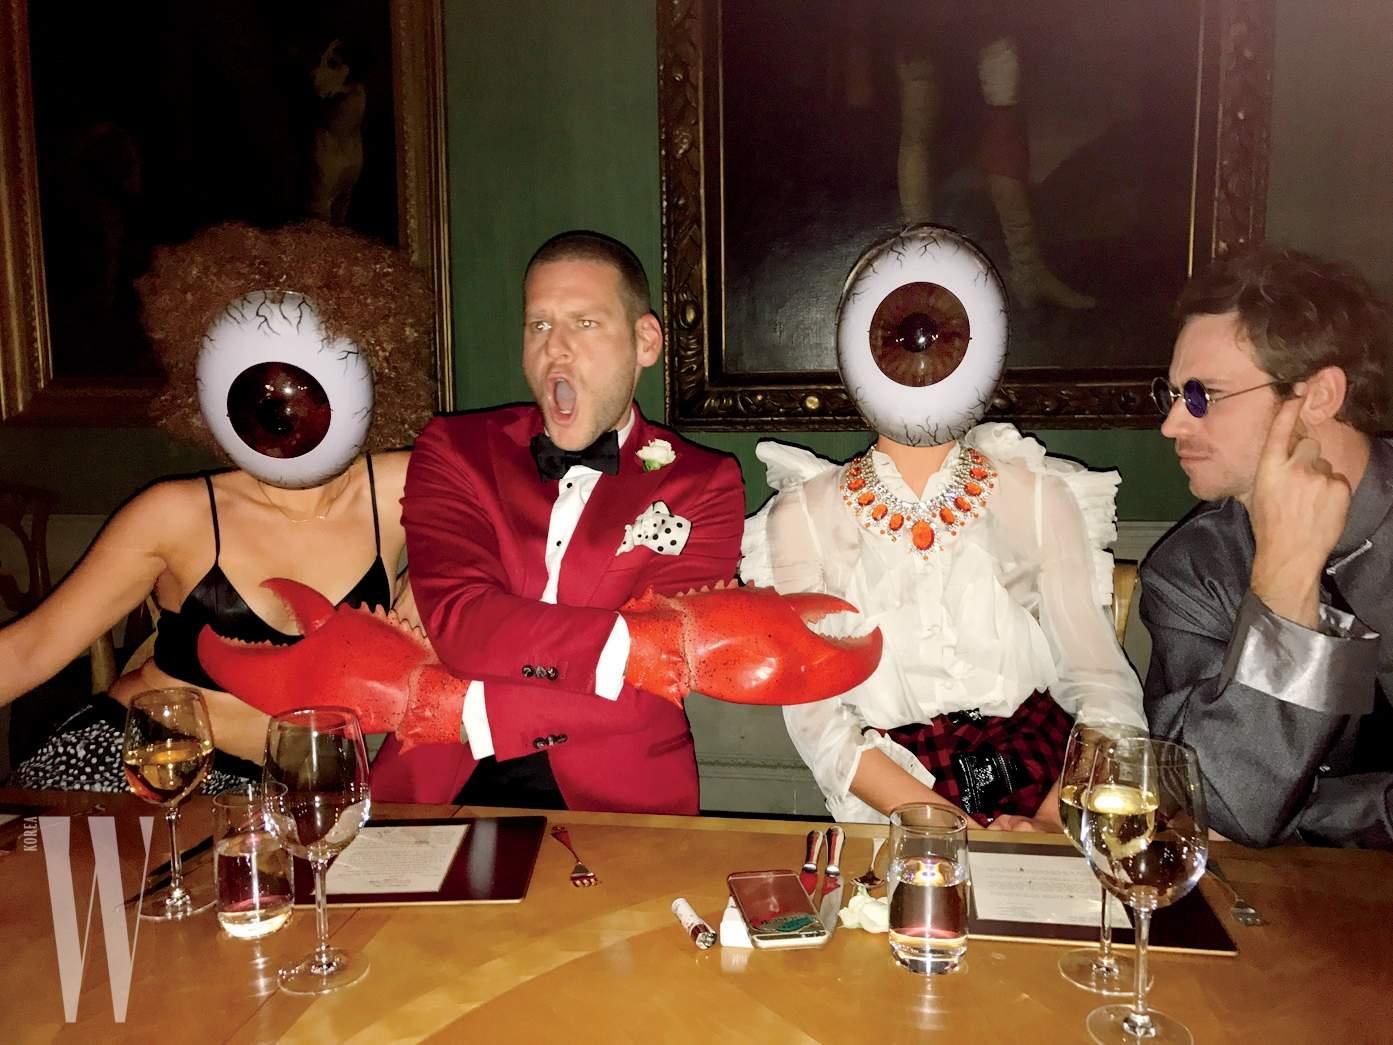 """1. """"영국의 시골 지역에서 주관한 별난 디너에서는 제가 뉴욕에서 가져온 마스크와 소품이 빛을 발했죠. 가운데 앉아 있는 사진가 딜런 던(Dylan Don)은 살바도르 달리의 그림처럼 보였어요."""""""